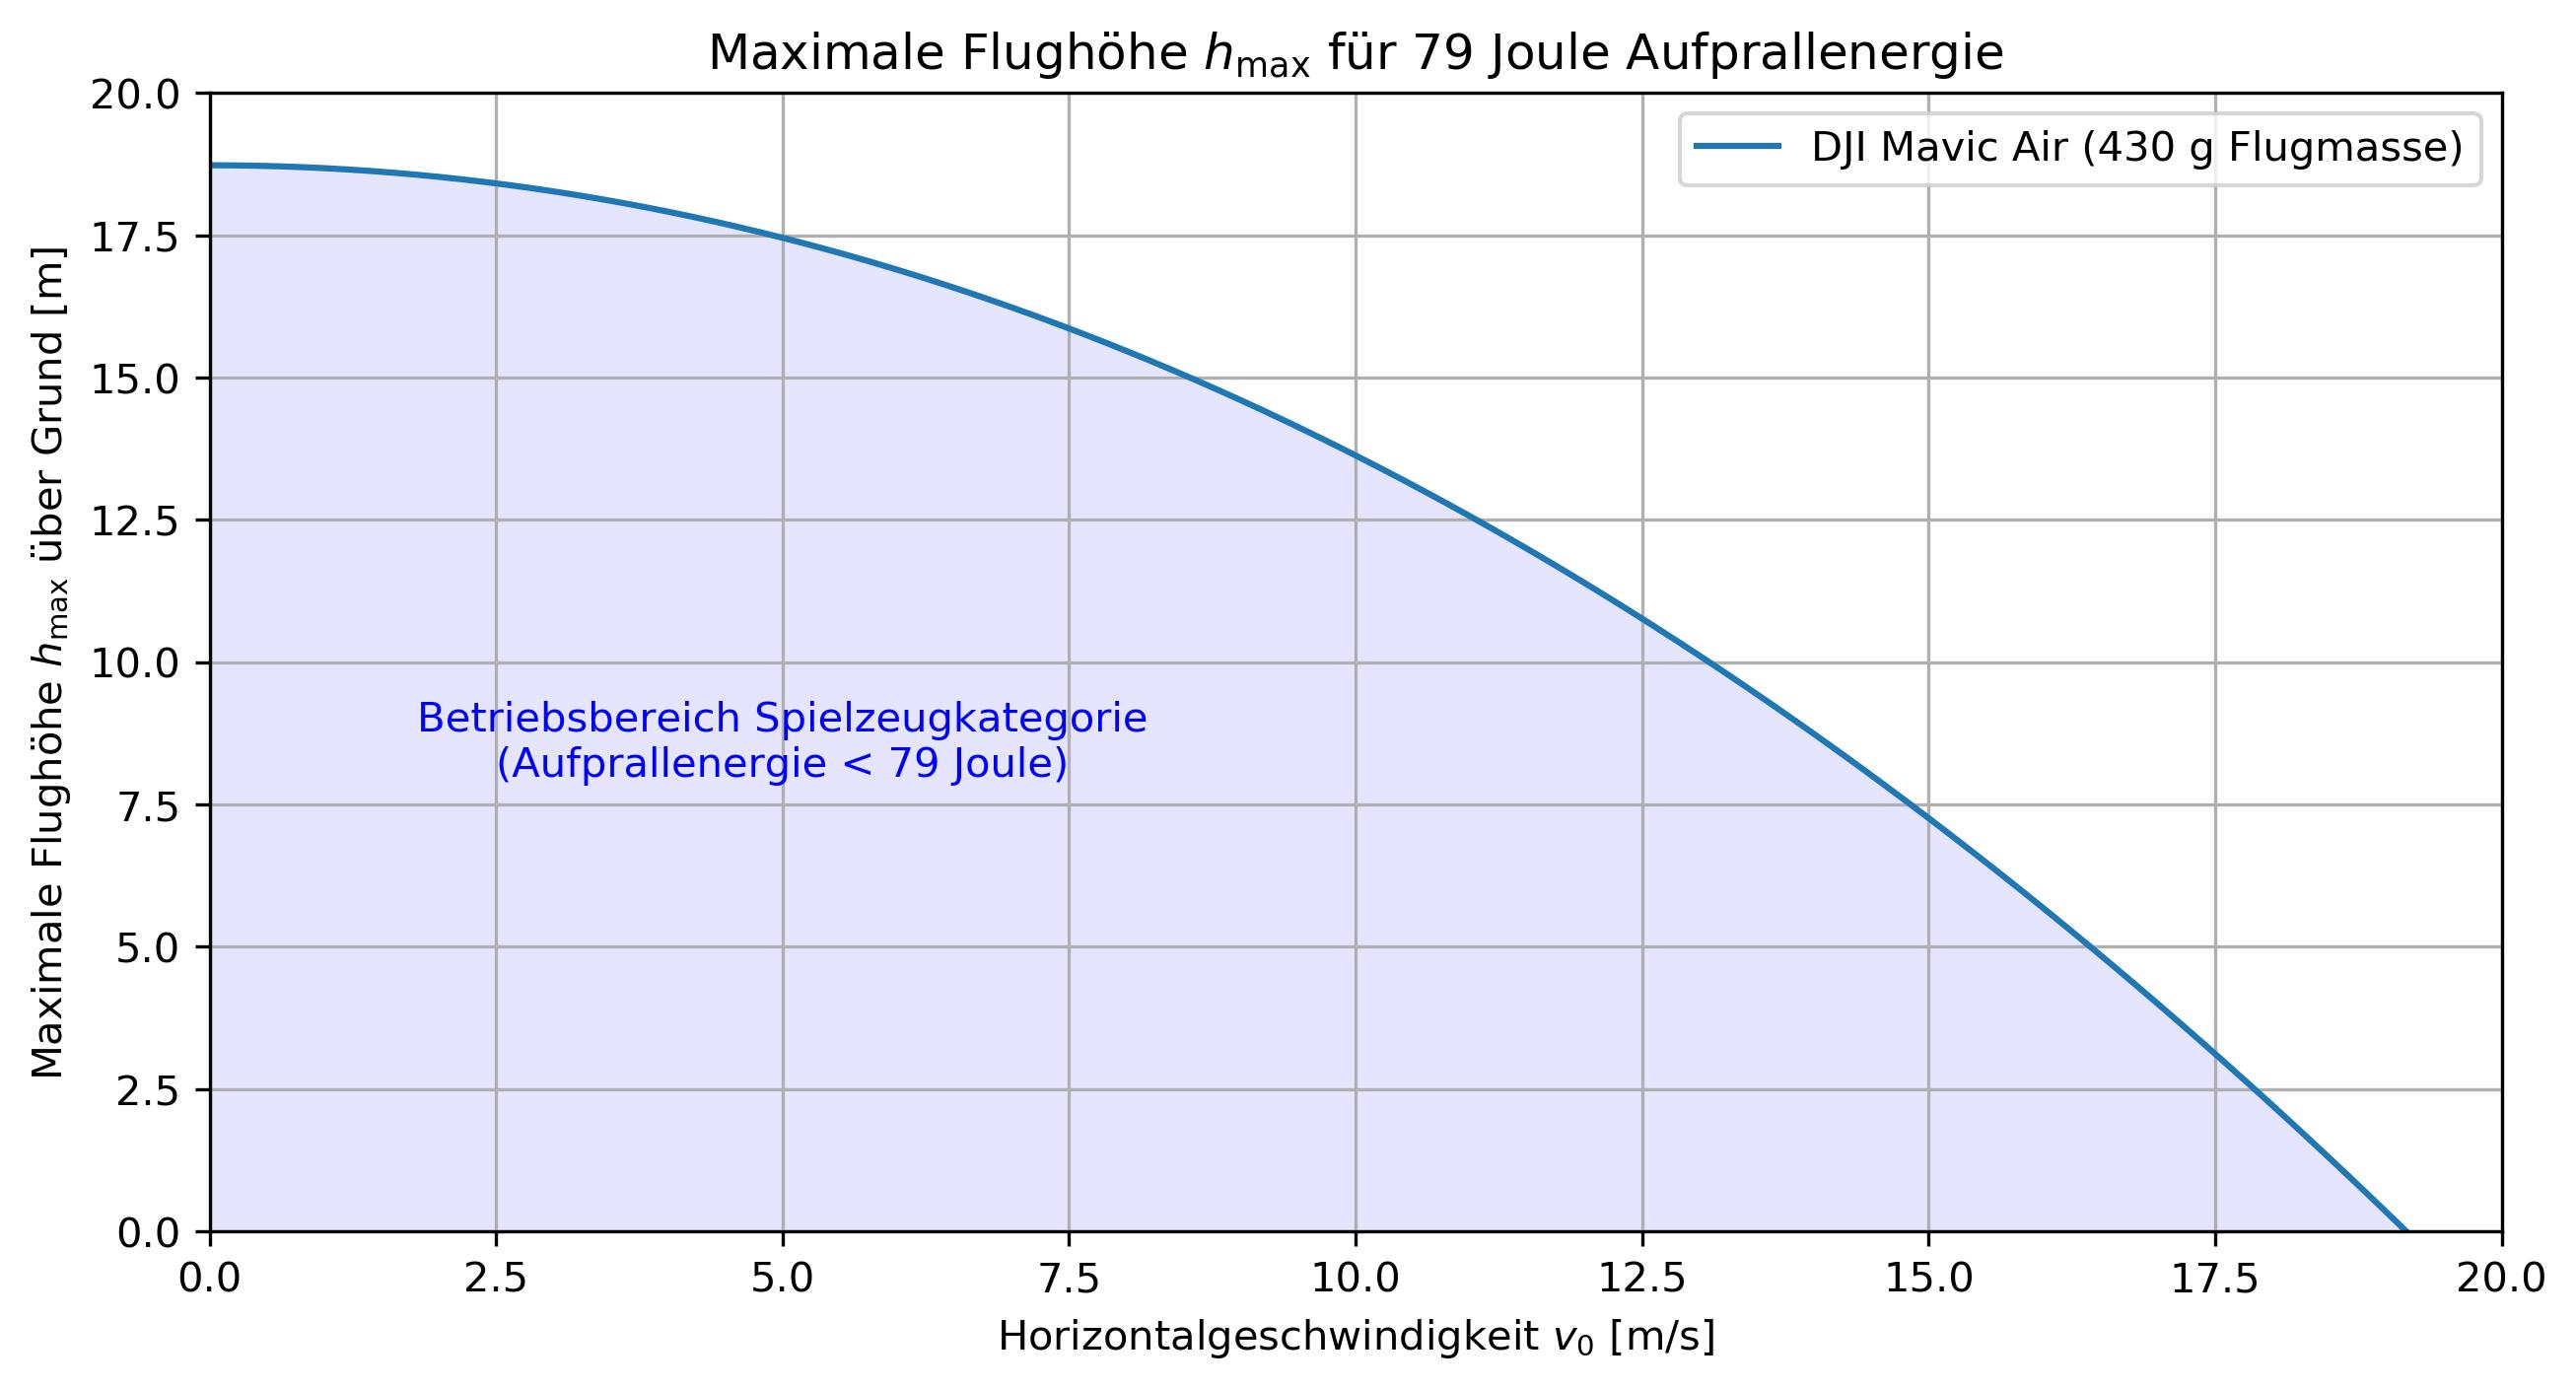 Maximale Flughöhe um 79 Joule nicht zu überschreiten